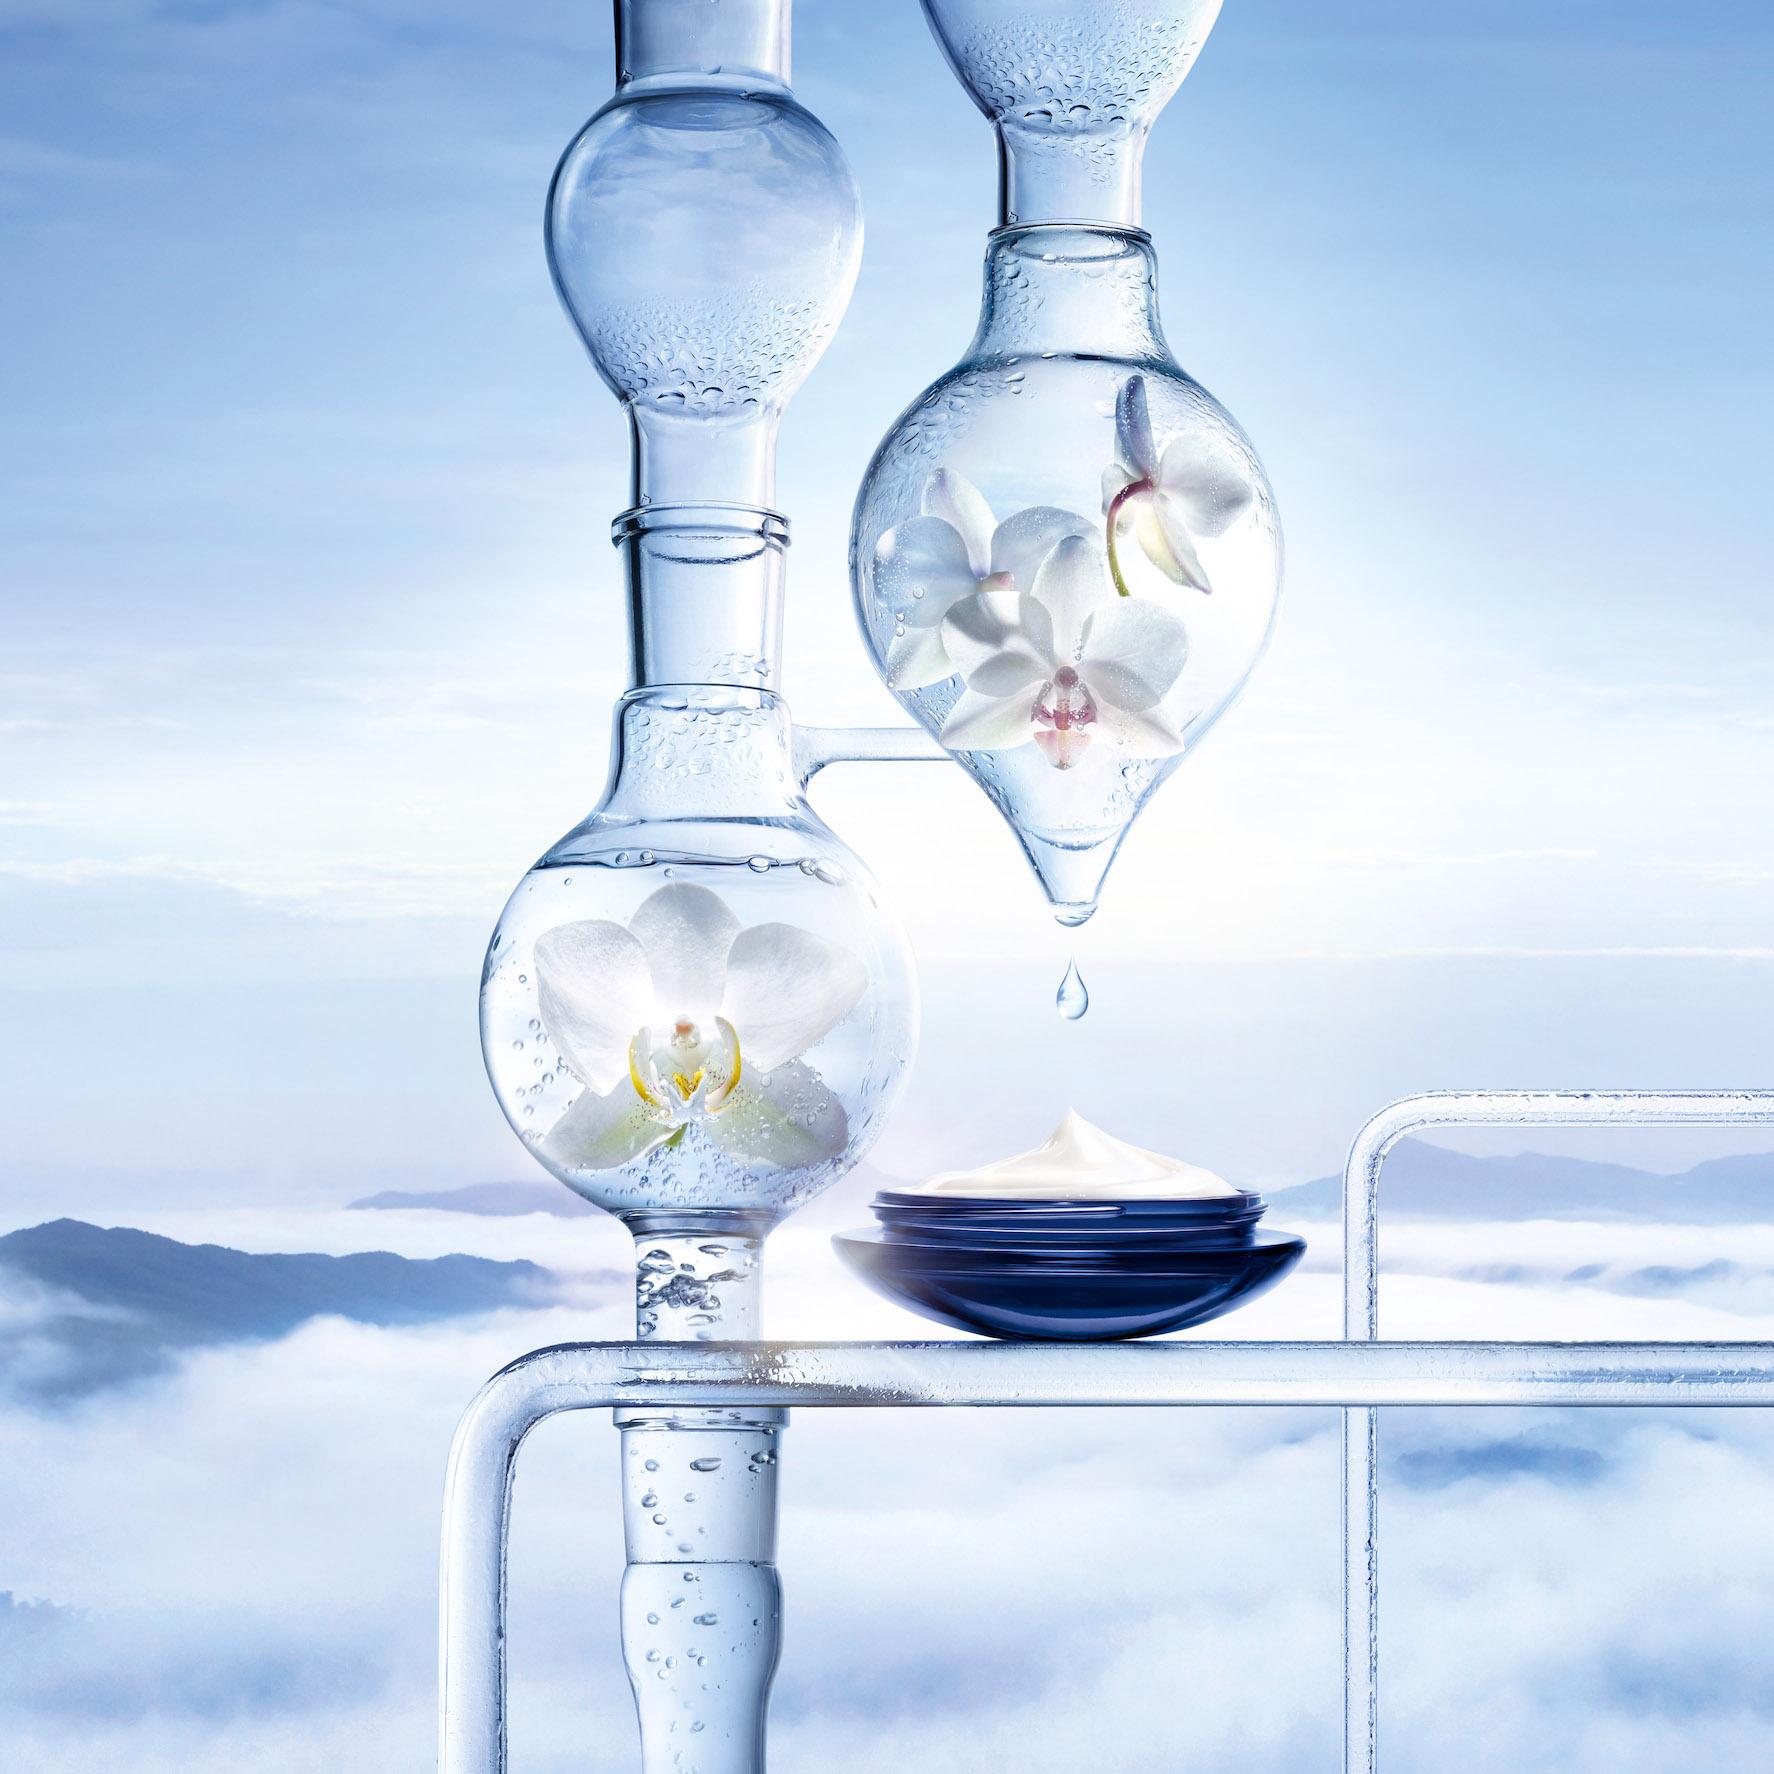 2017 Guerlain Orchidée Impériale Cream (4th Generation)2.jpg